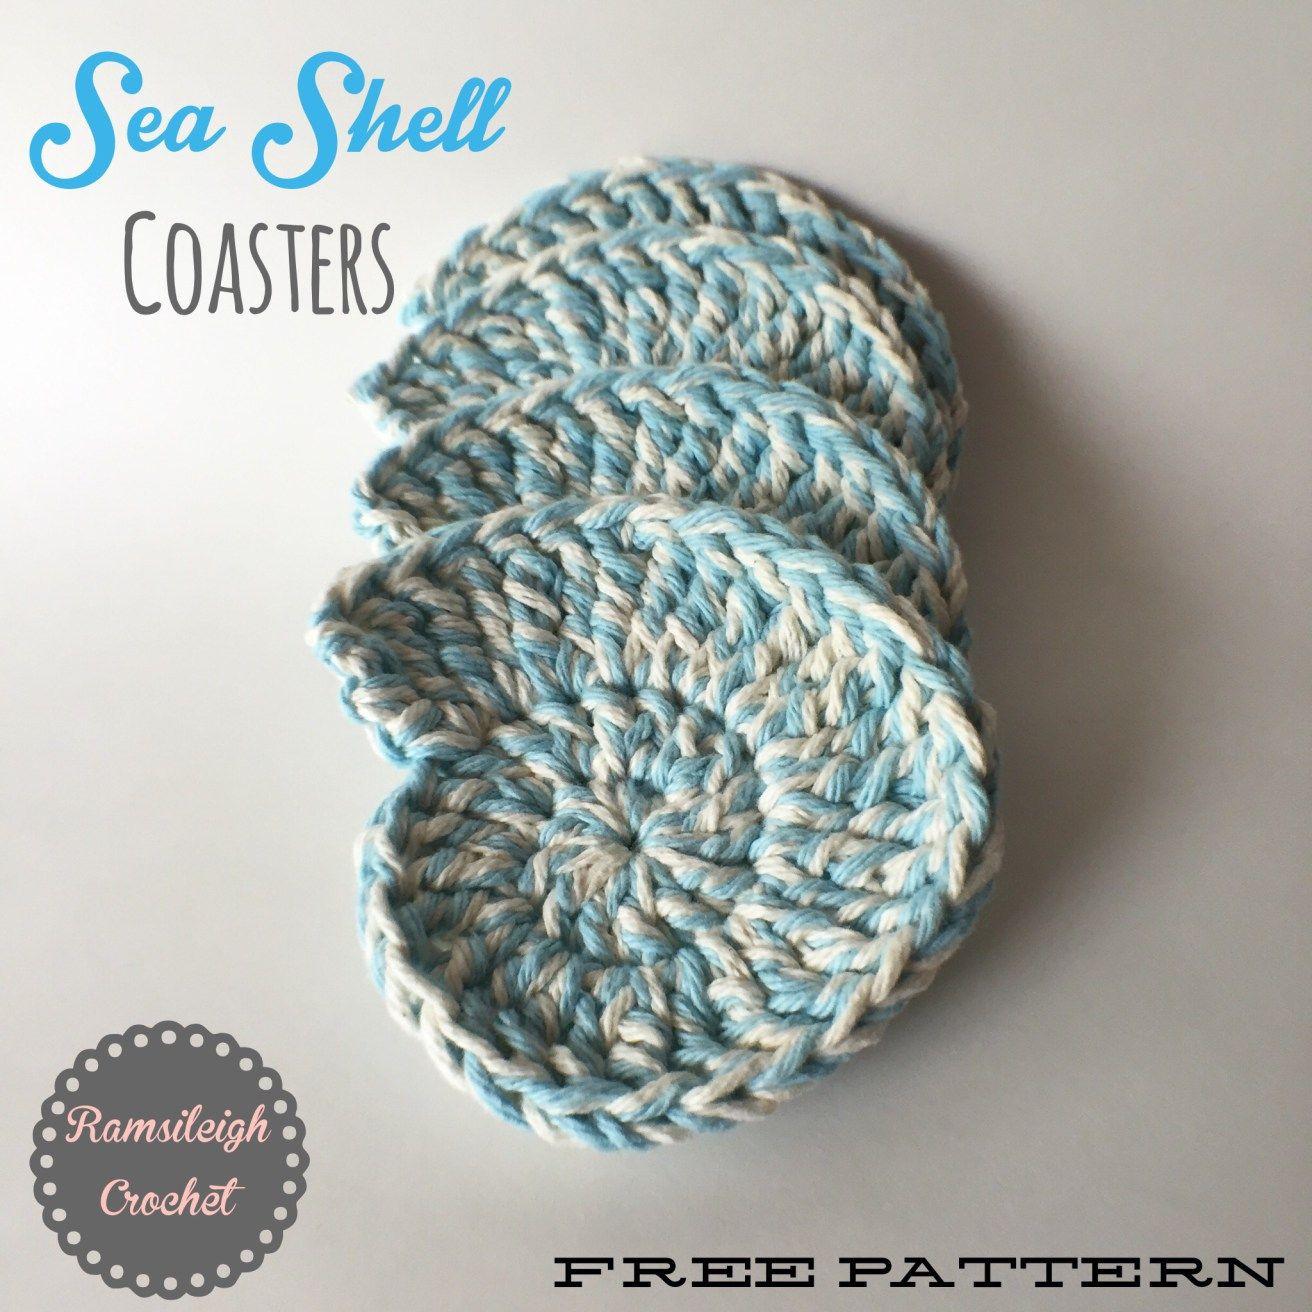 Sea Shell Coasters {FREE PATTERN} | yarn crafts | Pinterest ...